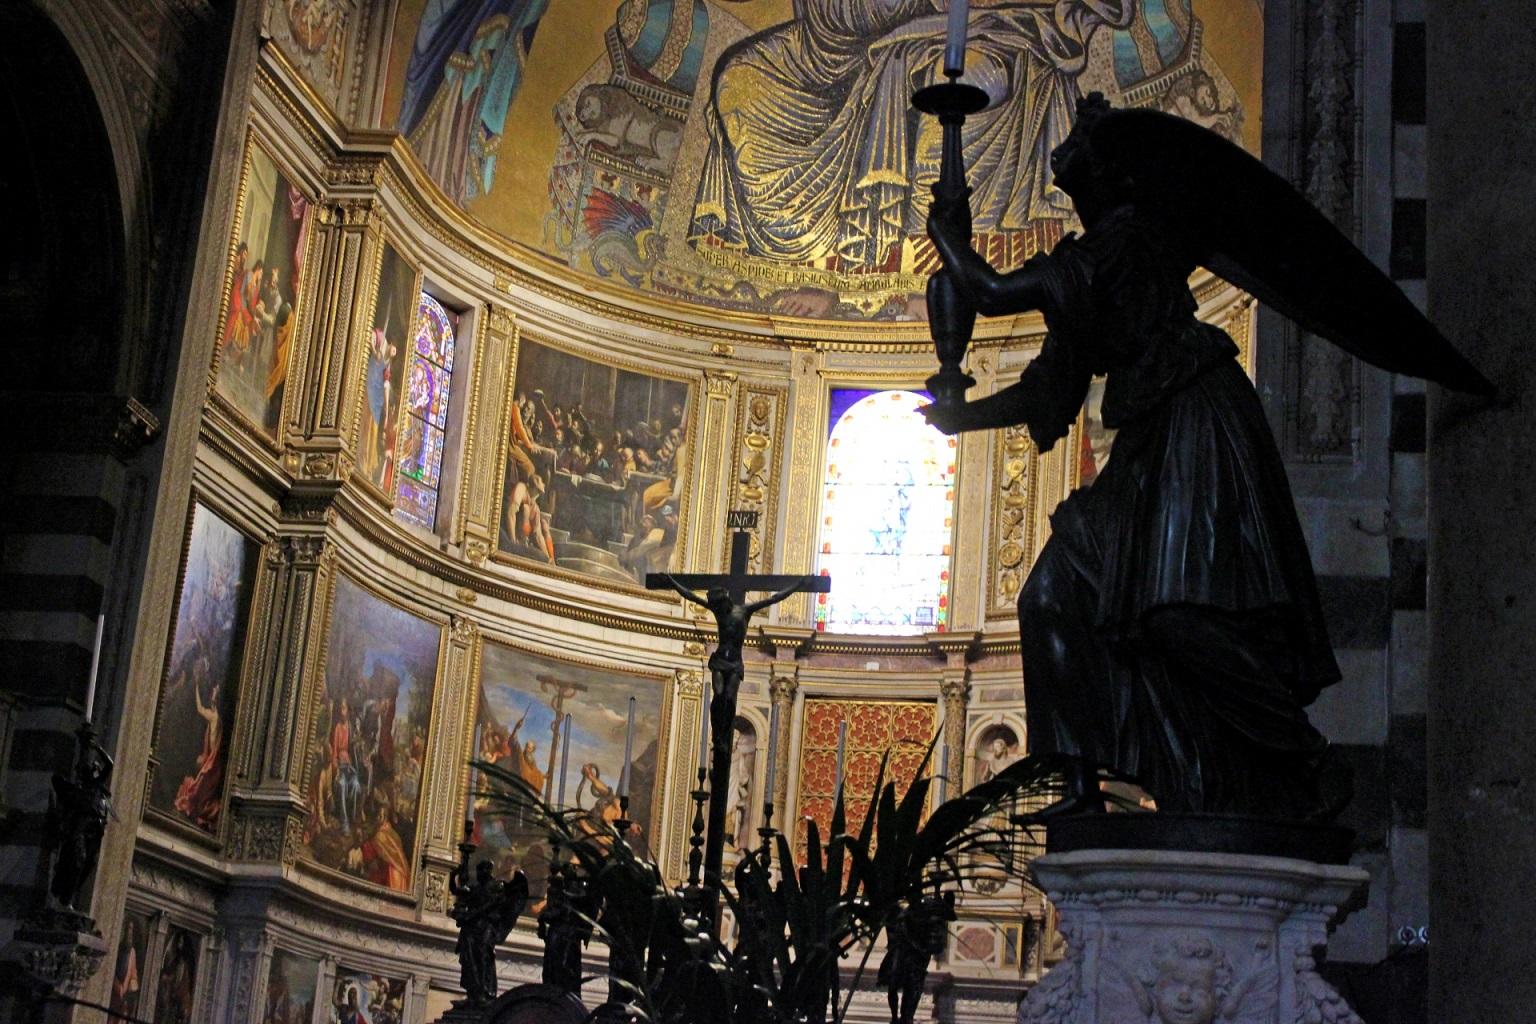 ルルドの泉への行き方は?奇跡は本当に起きたのか?カトリックの聖地を解説!